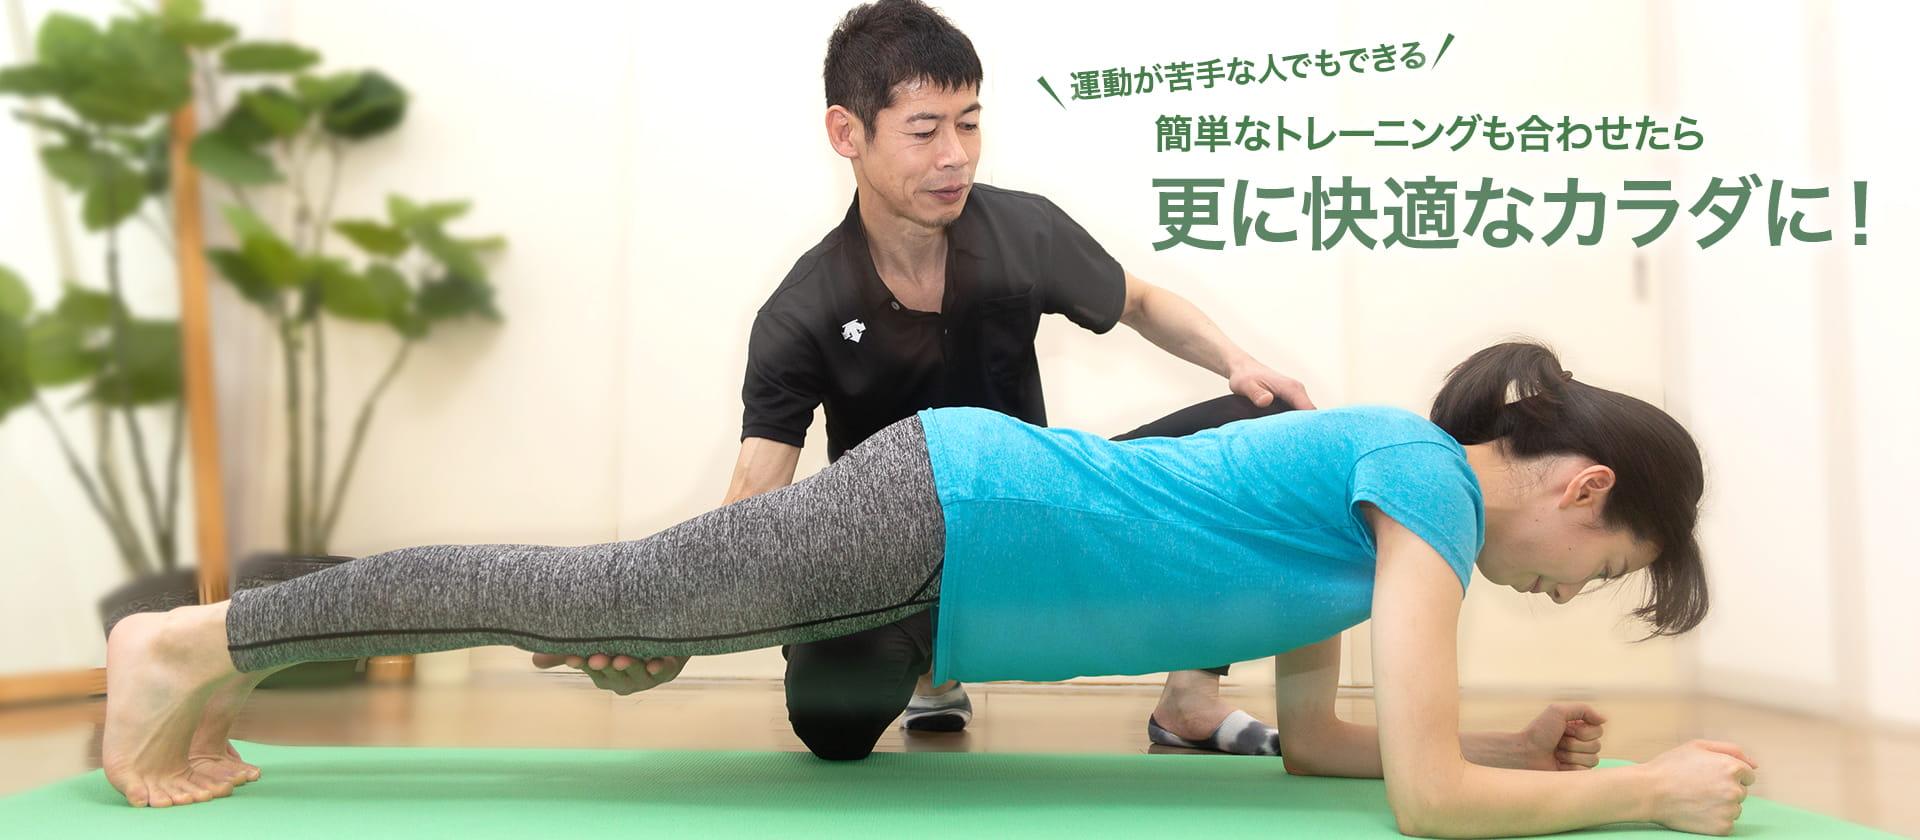 運動な苦手な人でもできる 簡単なトレーニングを合わせたら更に快適なカラダに!